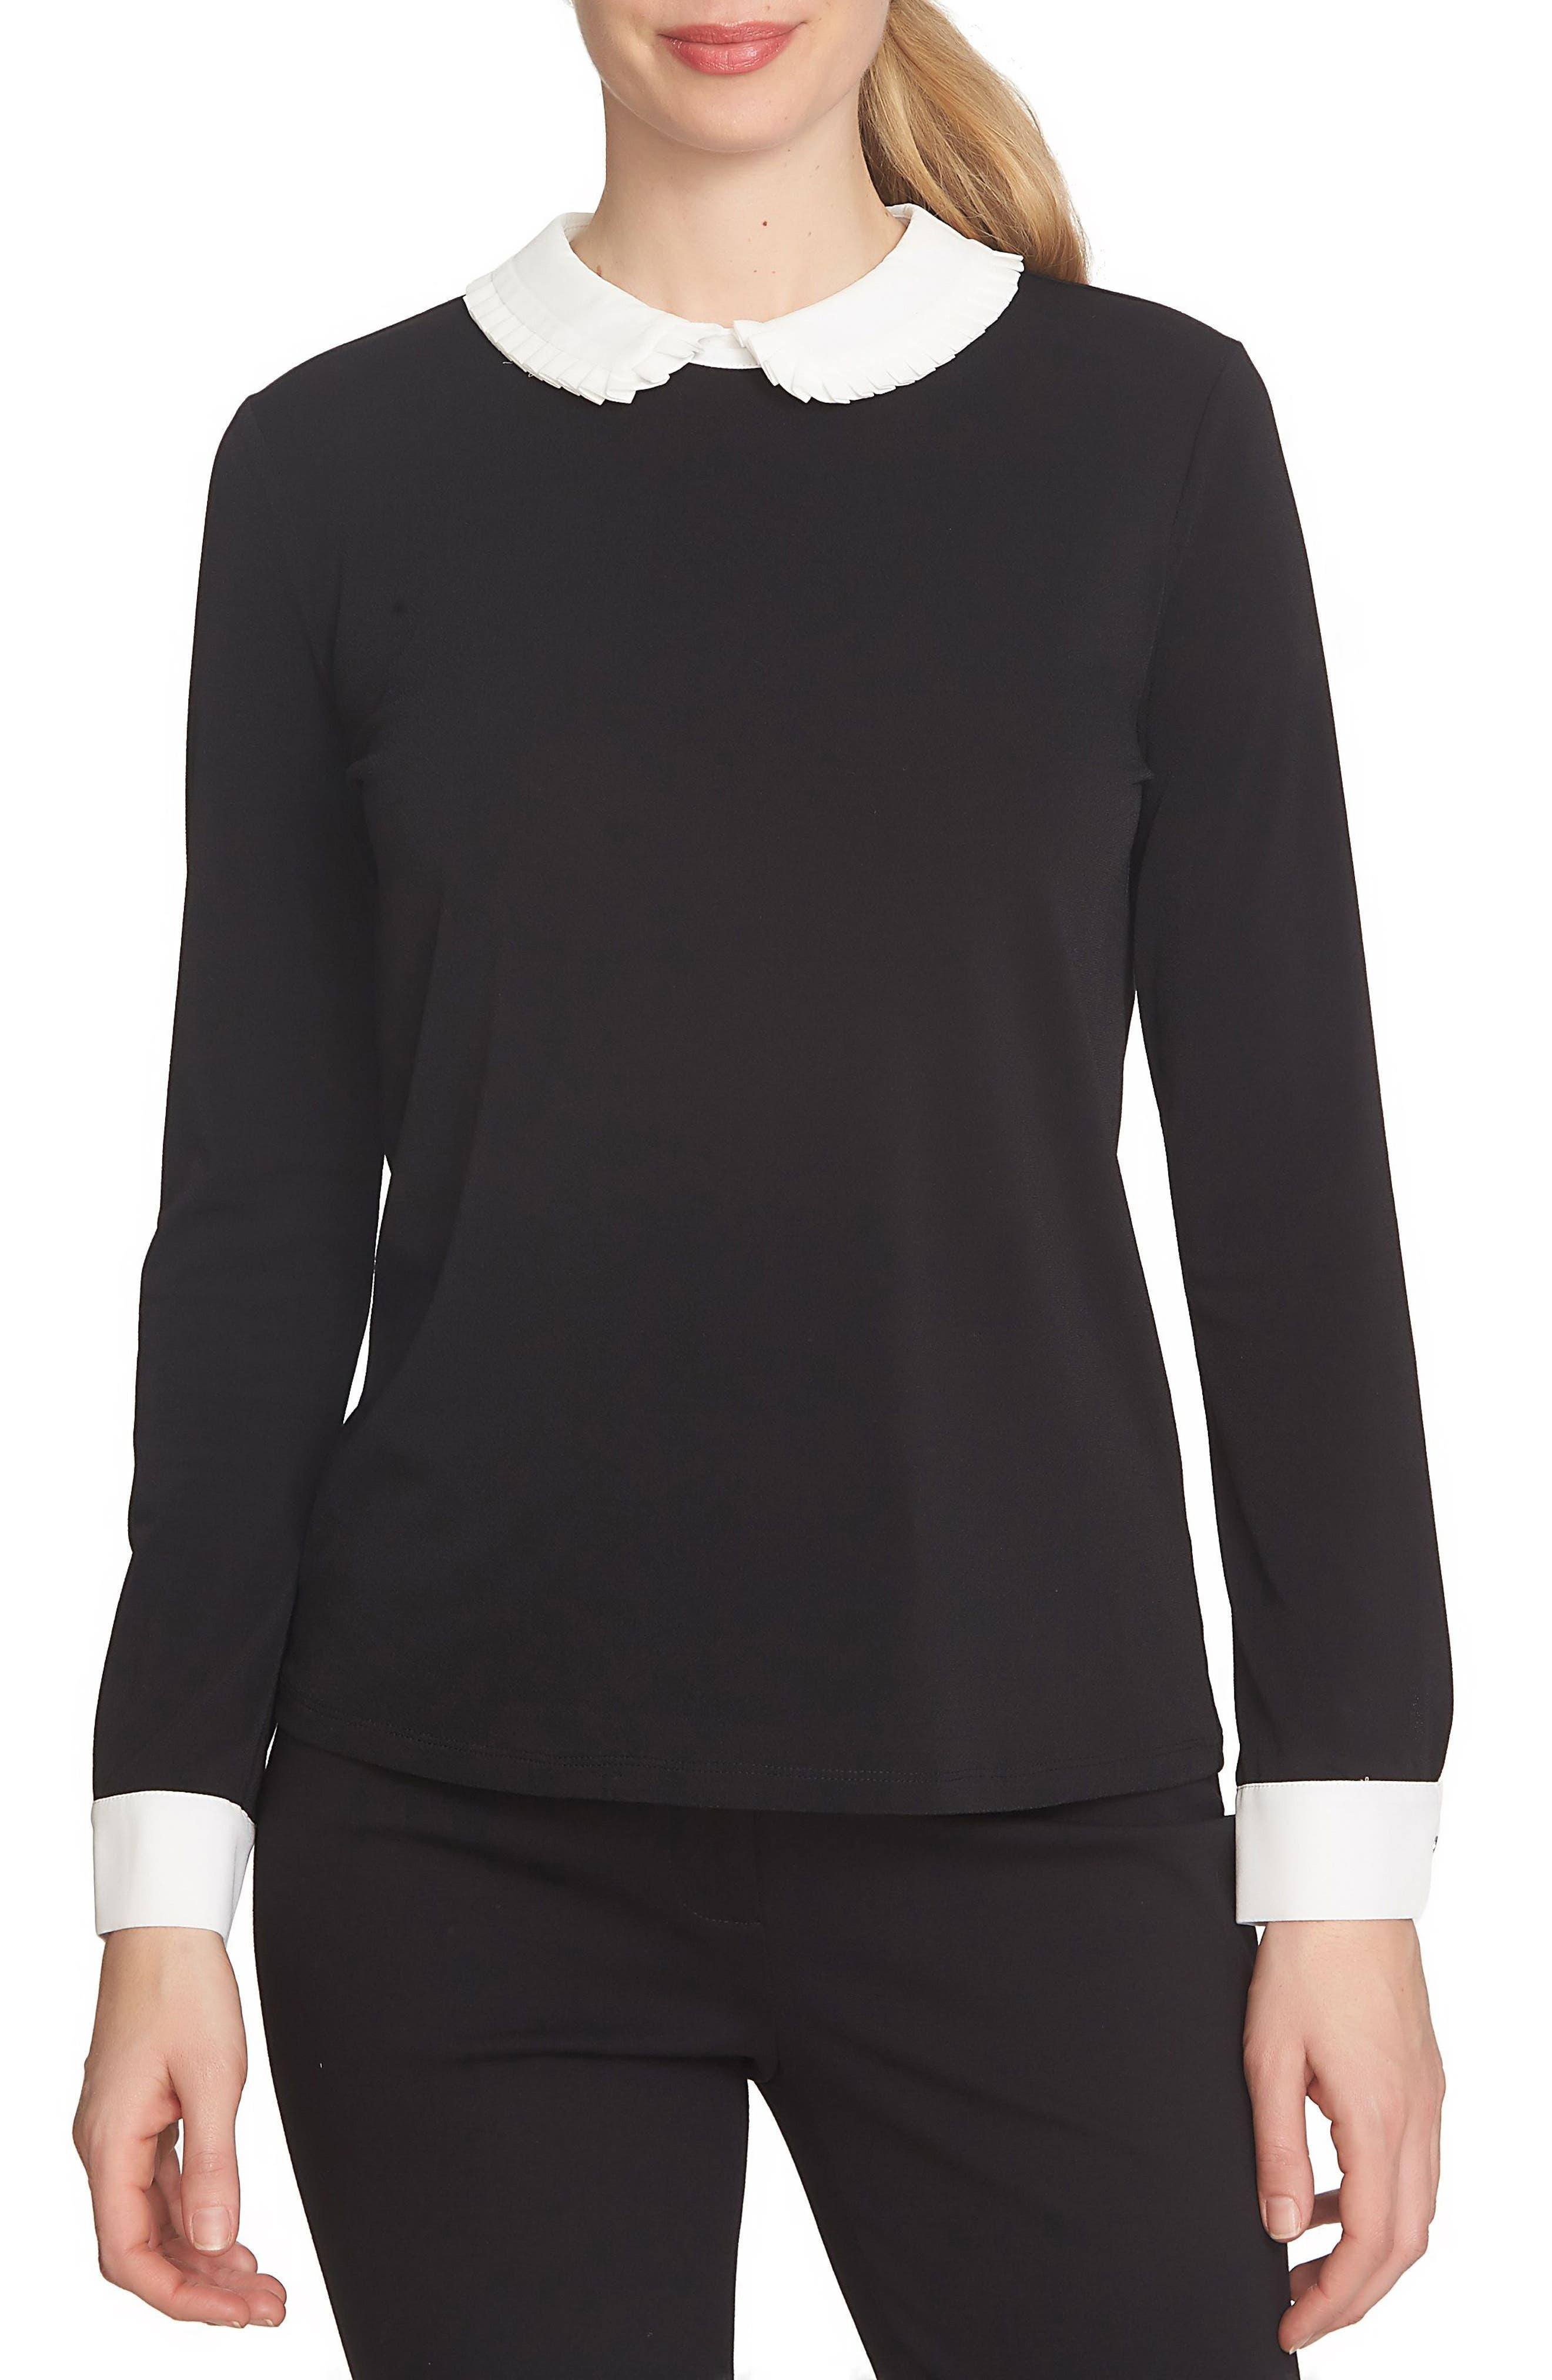 Alternate Image 1 Selected - CeCe Contrast Pleat Collar Top